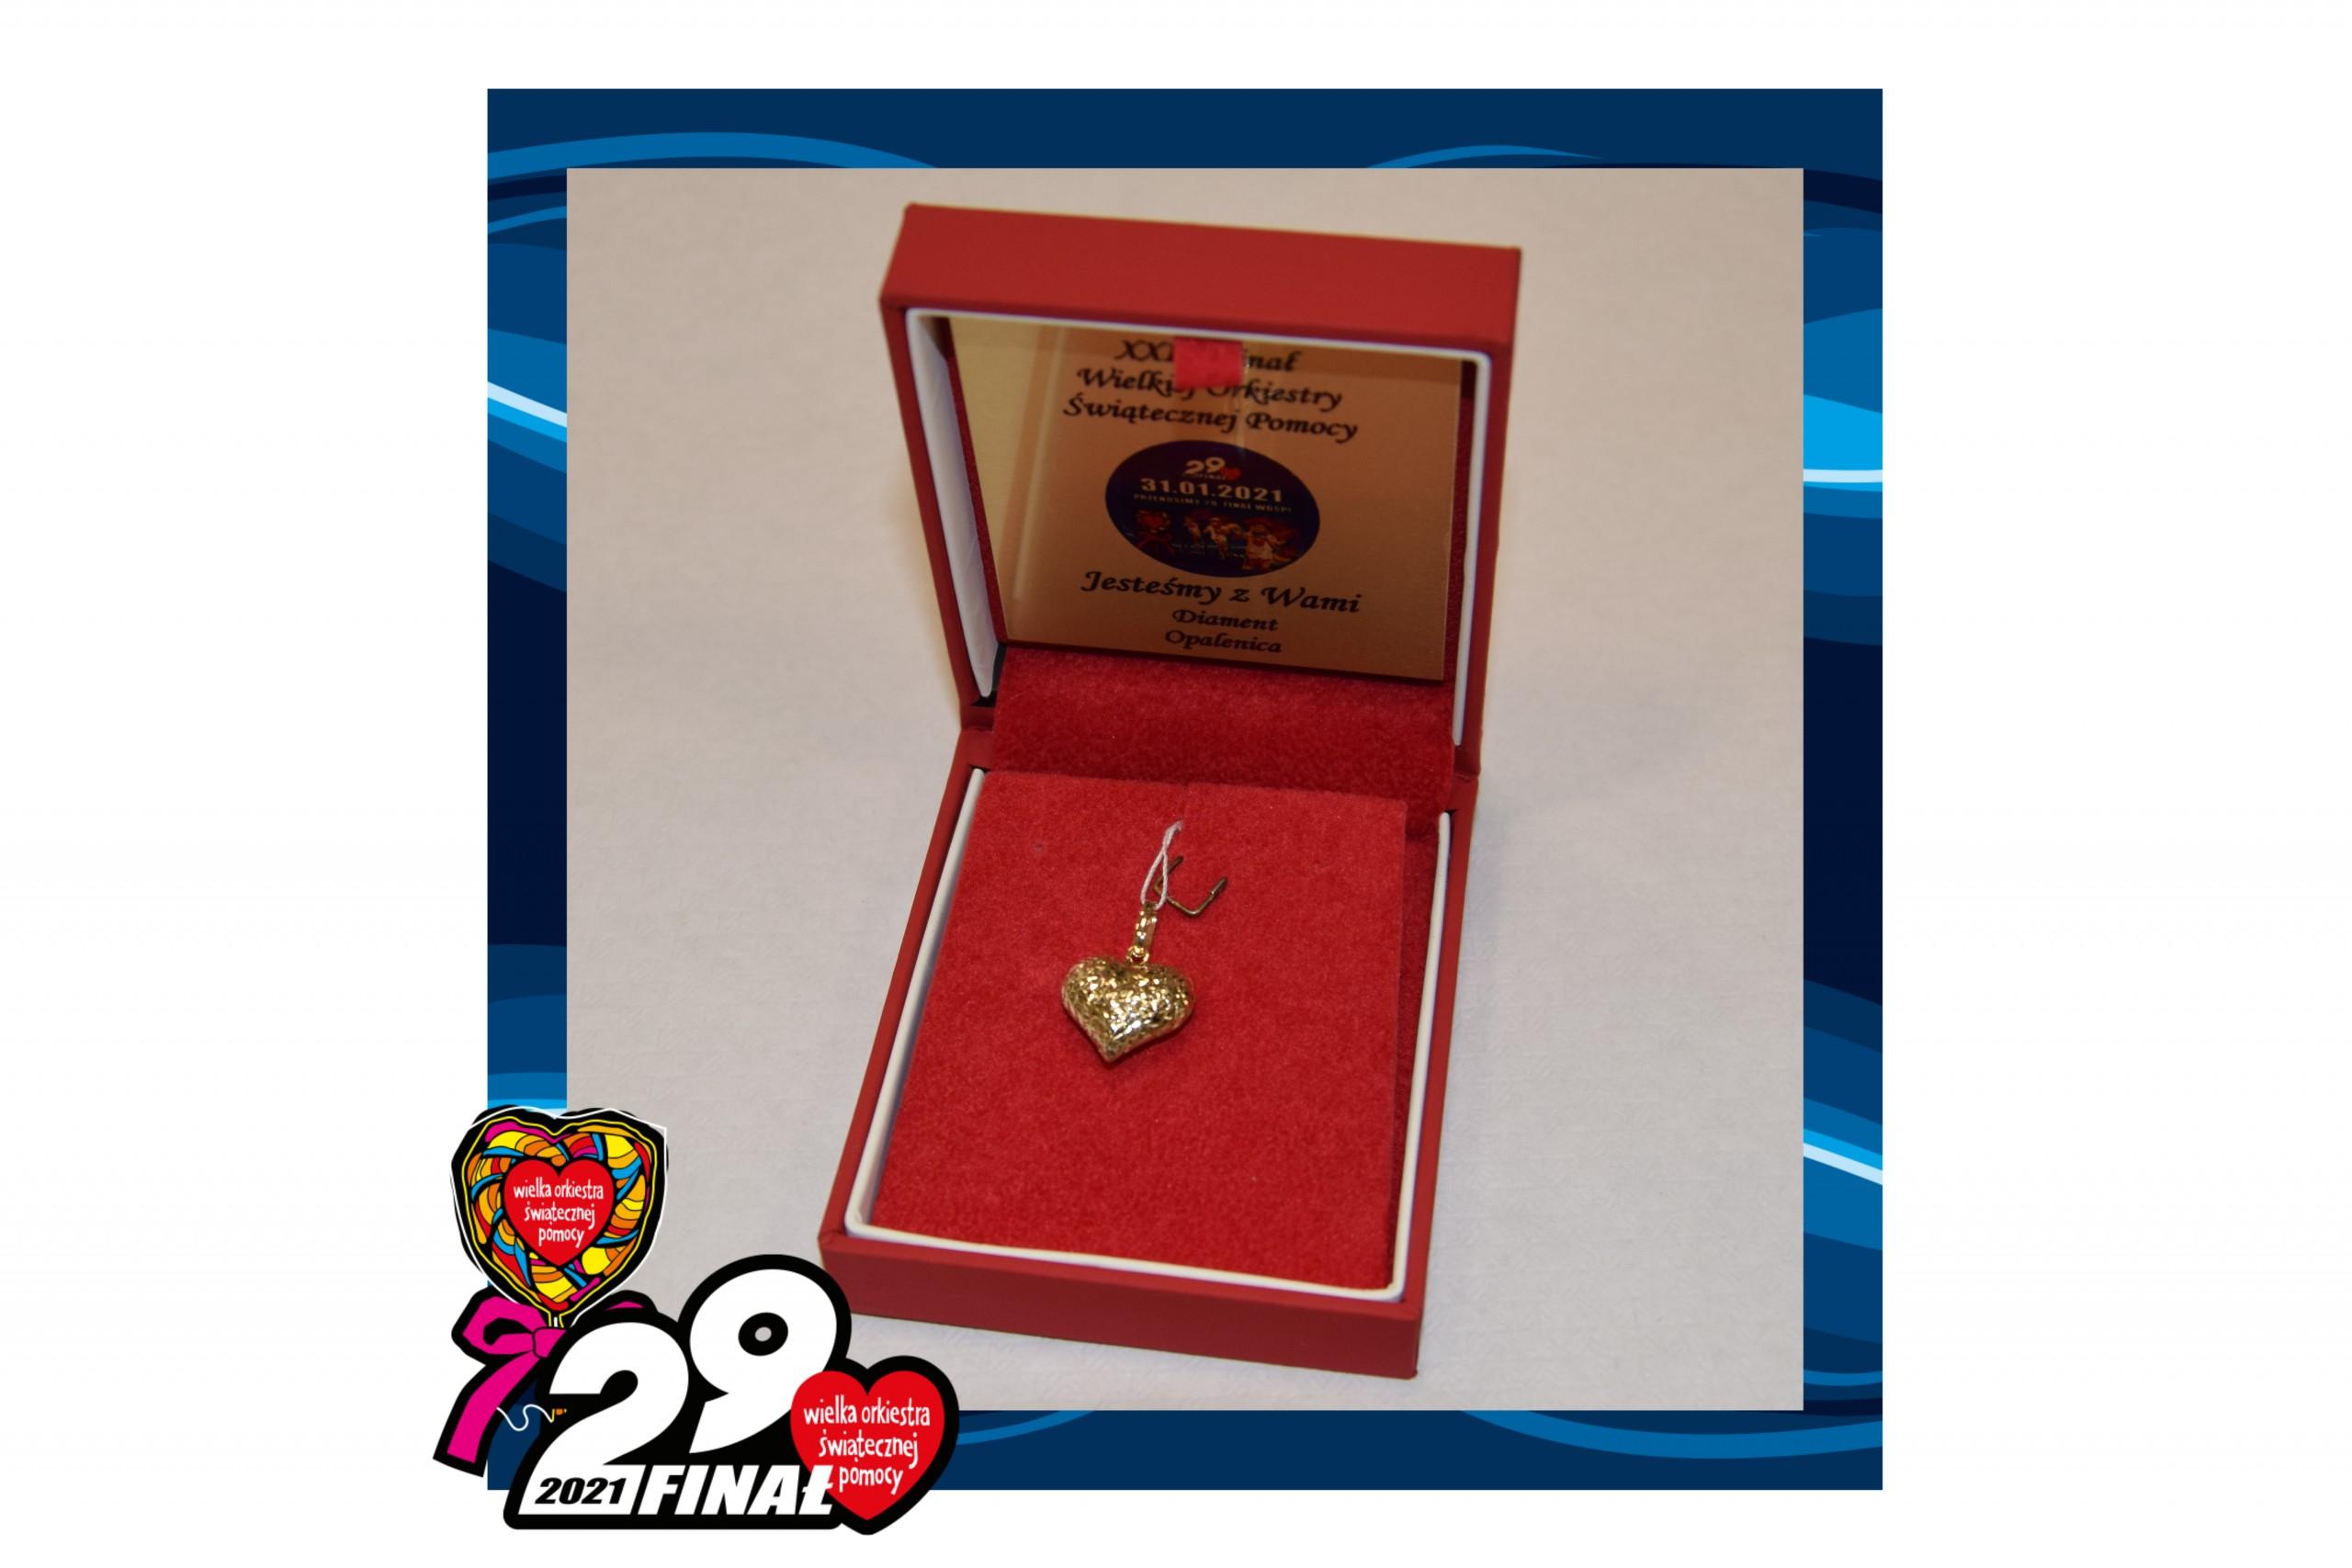 w ramce 29 finału wośp zdjecie czerwonego pudełka ze złotym sercem w środku